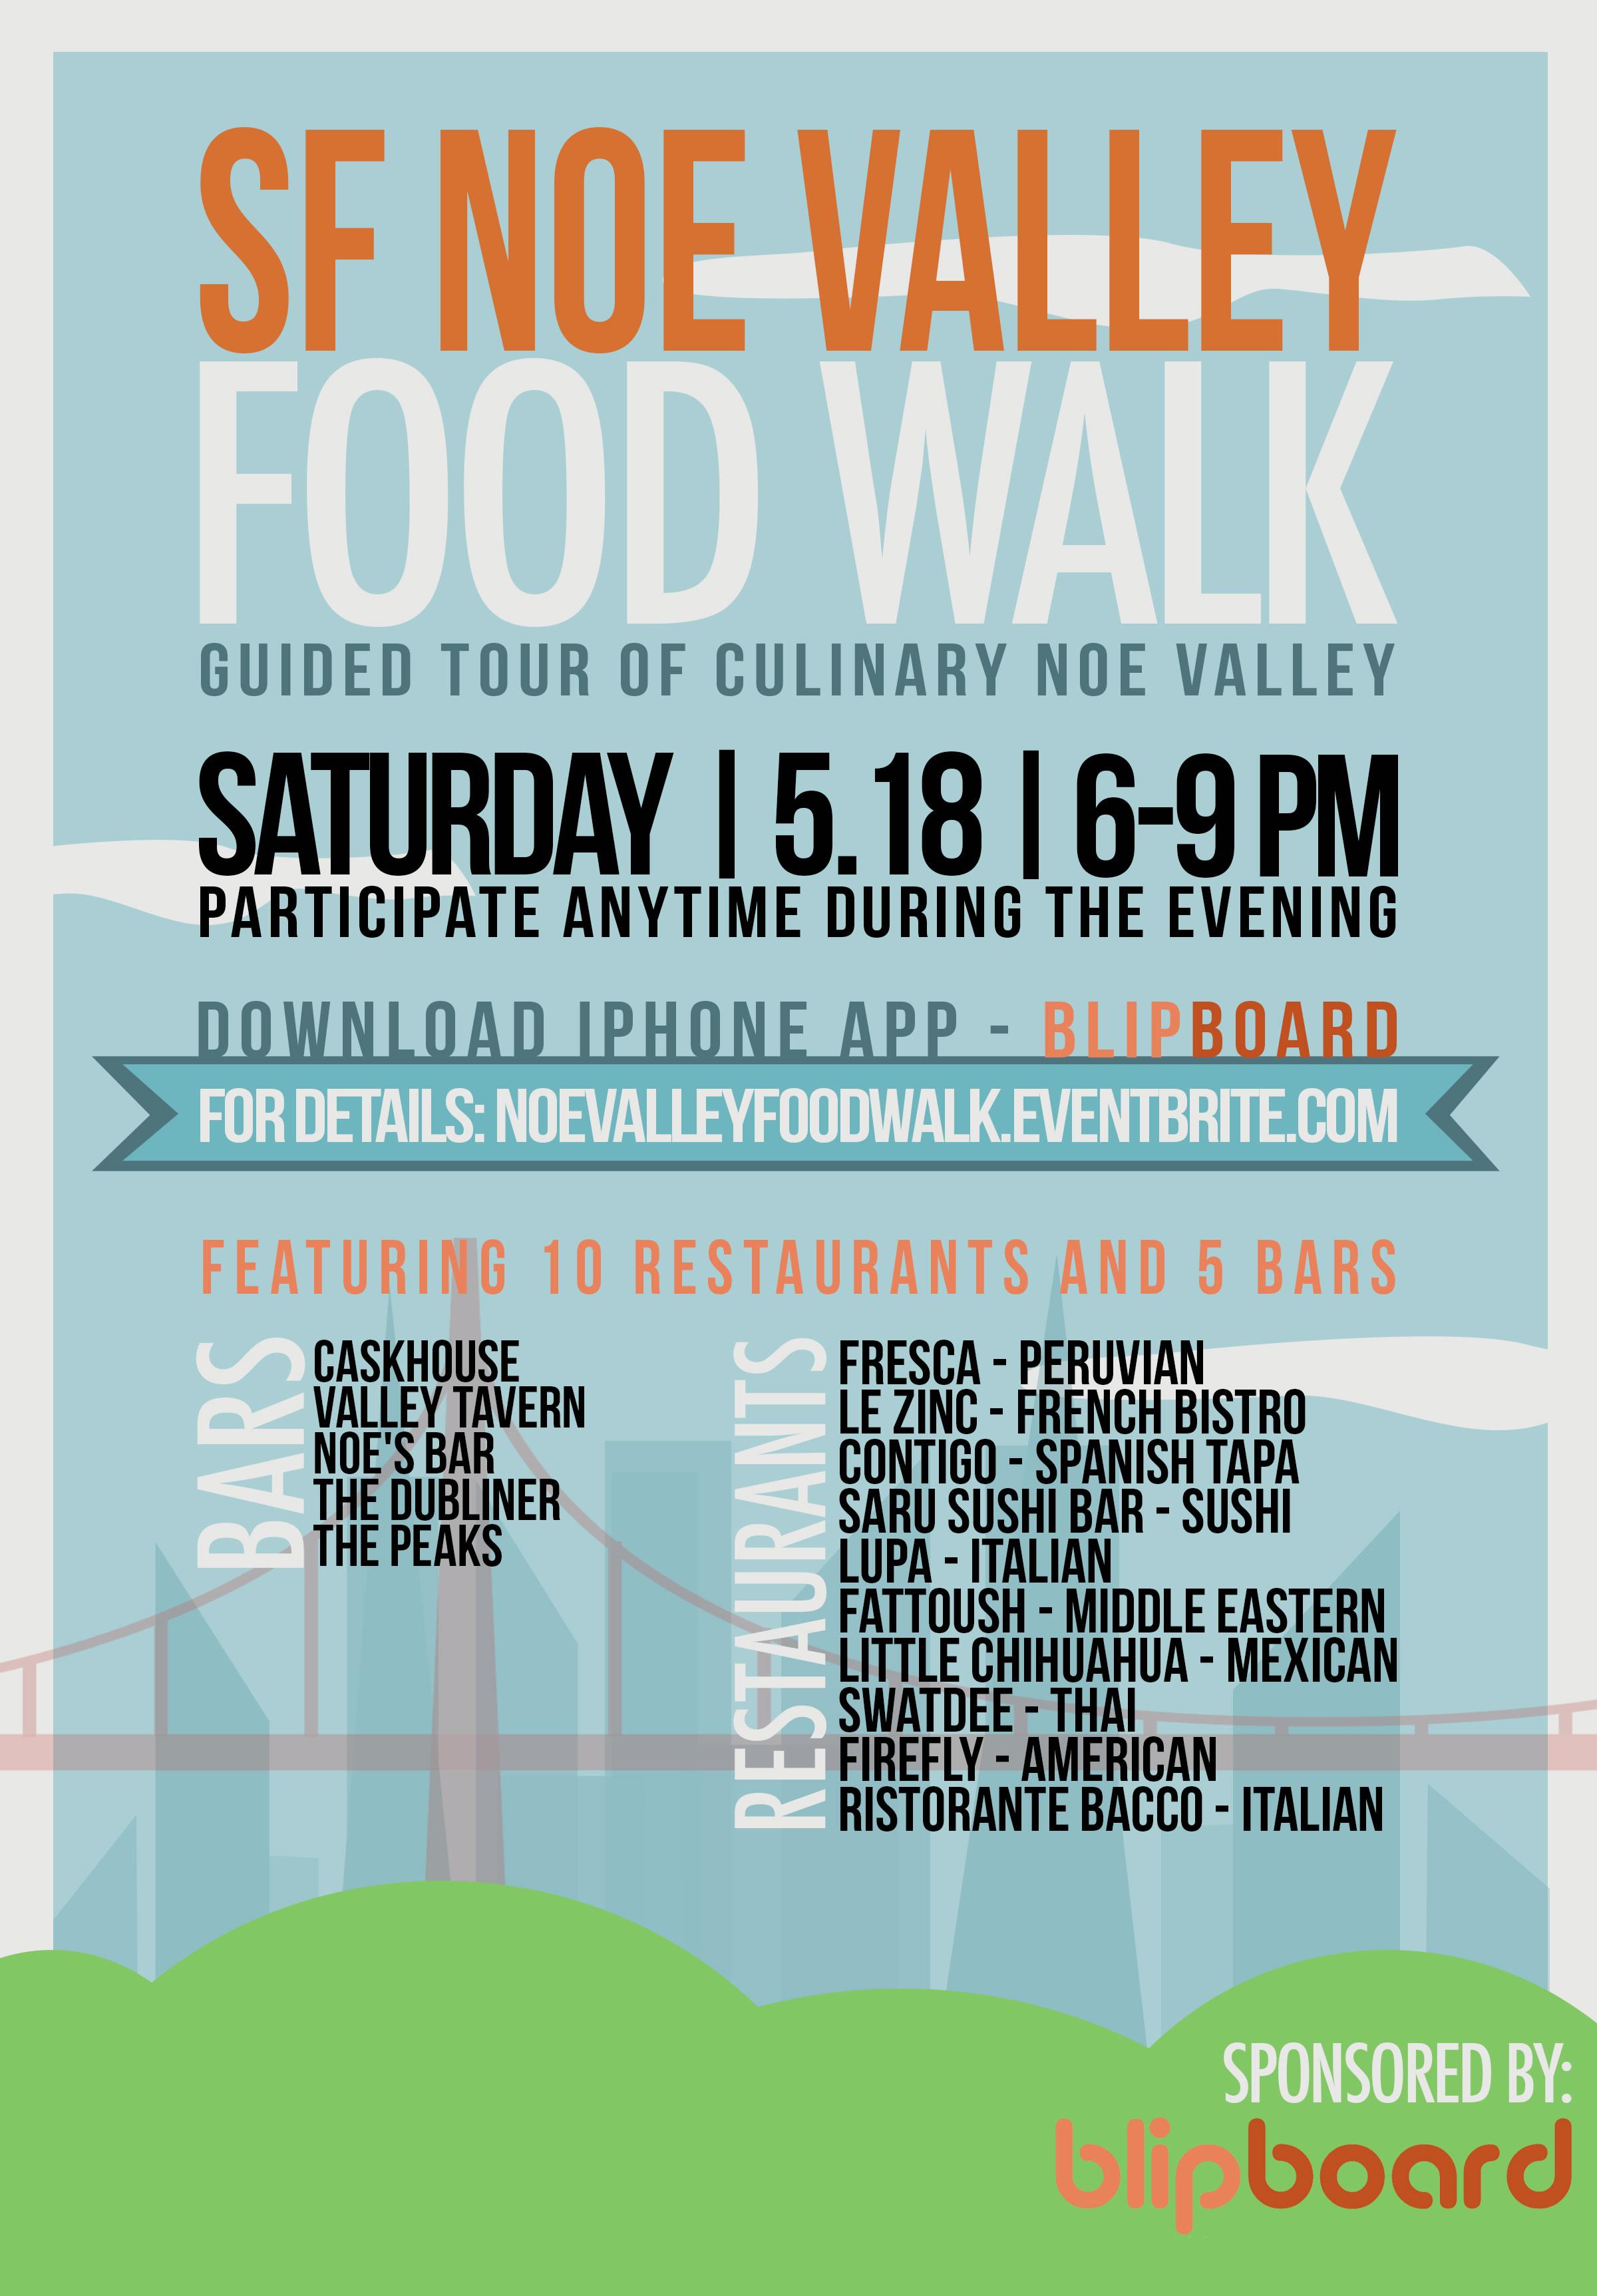 SF Noe Valley Food Walk 2013